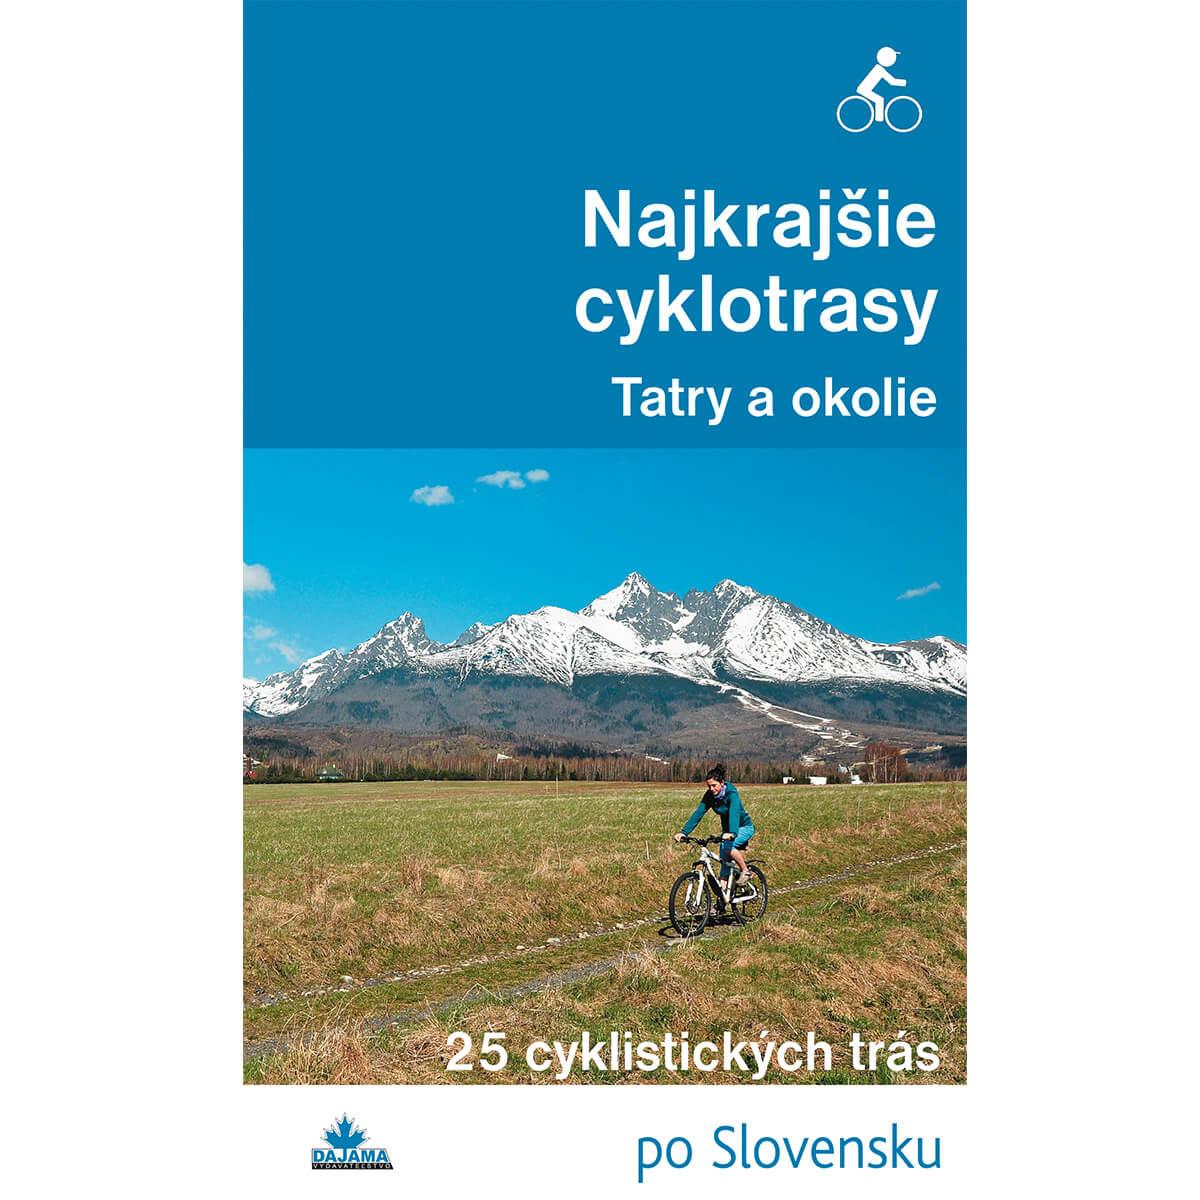 Kniha Najkrajšie cyklotrasy Tatry a okolie - 25 cyklistických trás po Slovensku z vydavateľstva Dajama